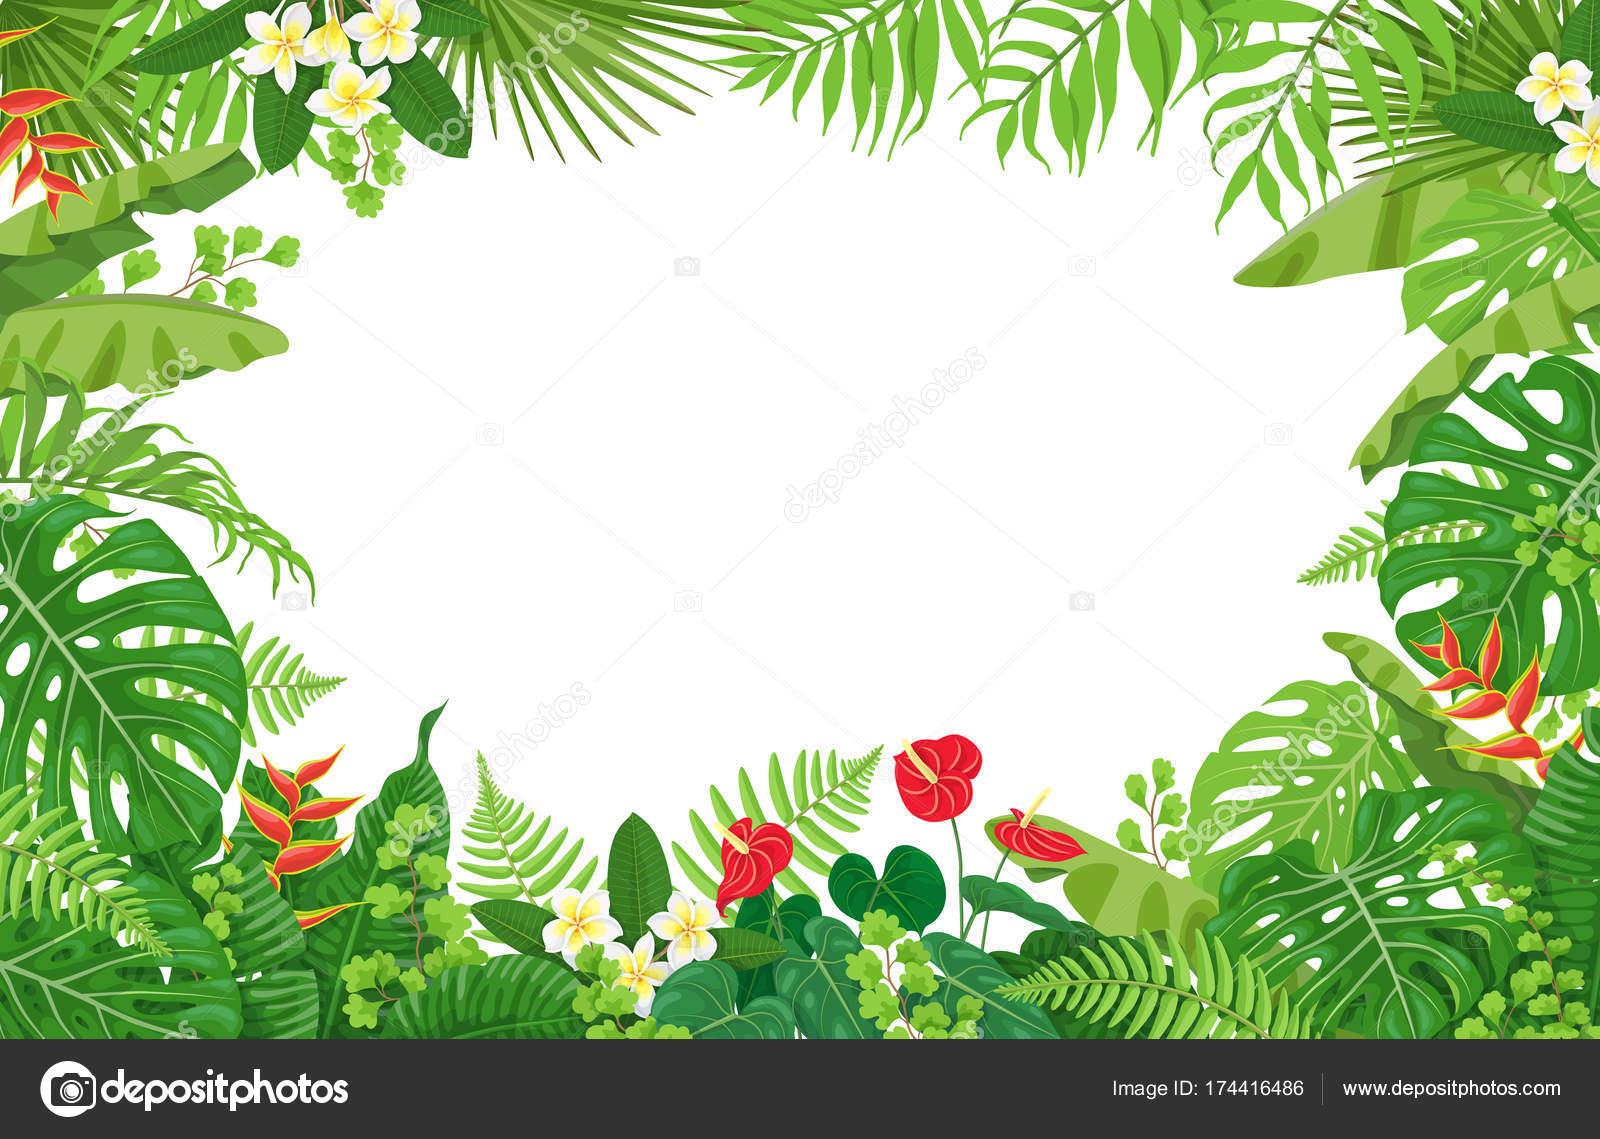 Marco de plantas tropicales vector de stock valiva 174416486 - Marcos para plantas ...